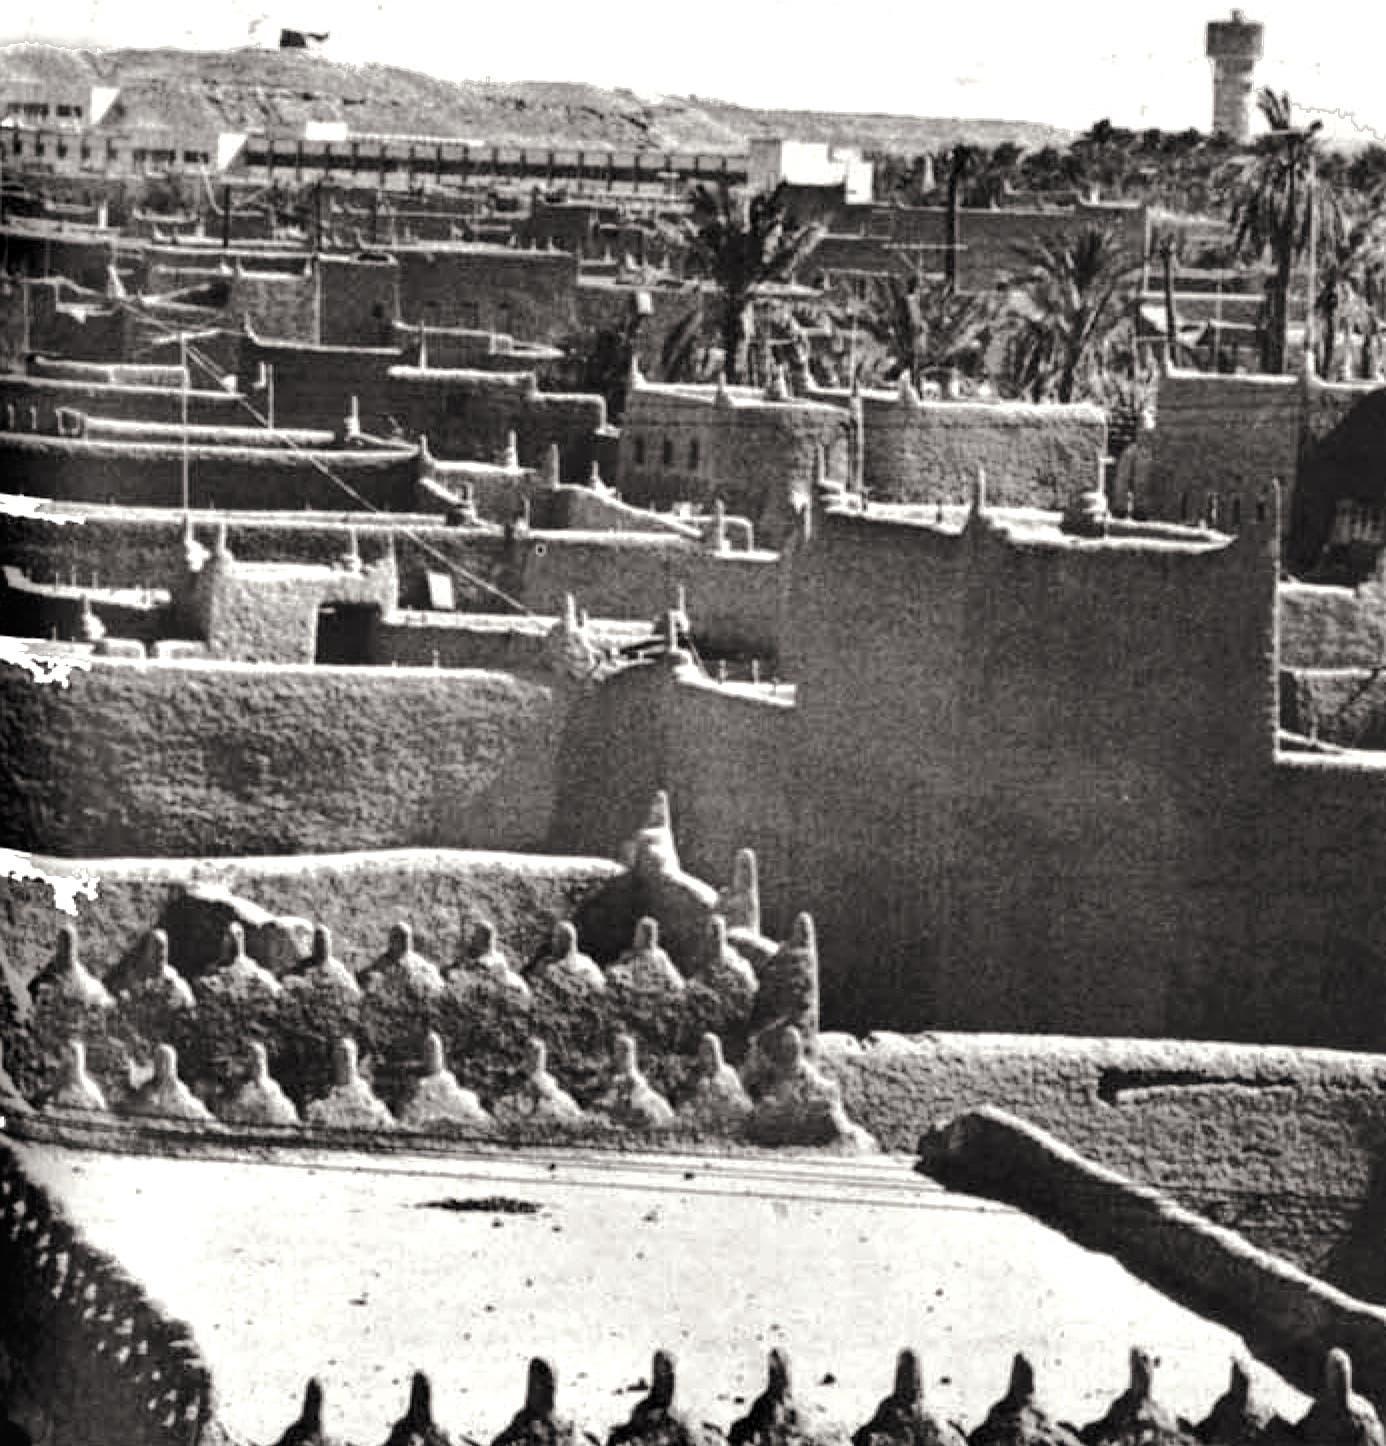 أحد الأحياء القديمة في مدينة بريدة بالقصيم، وقد غلب على مبانيه طابع العمران القديم